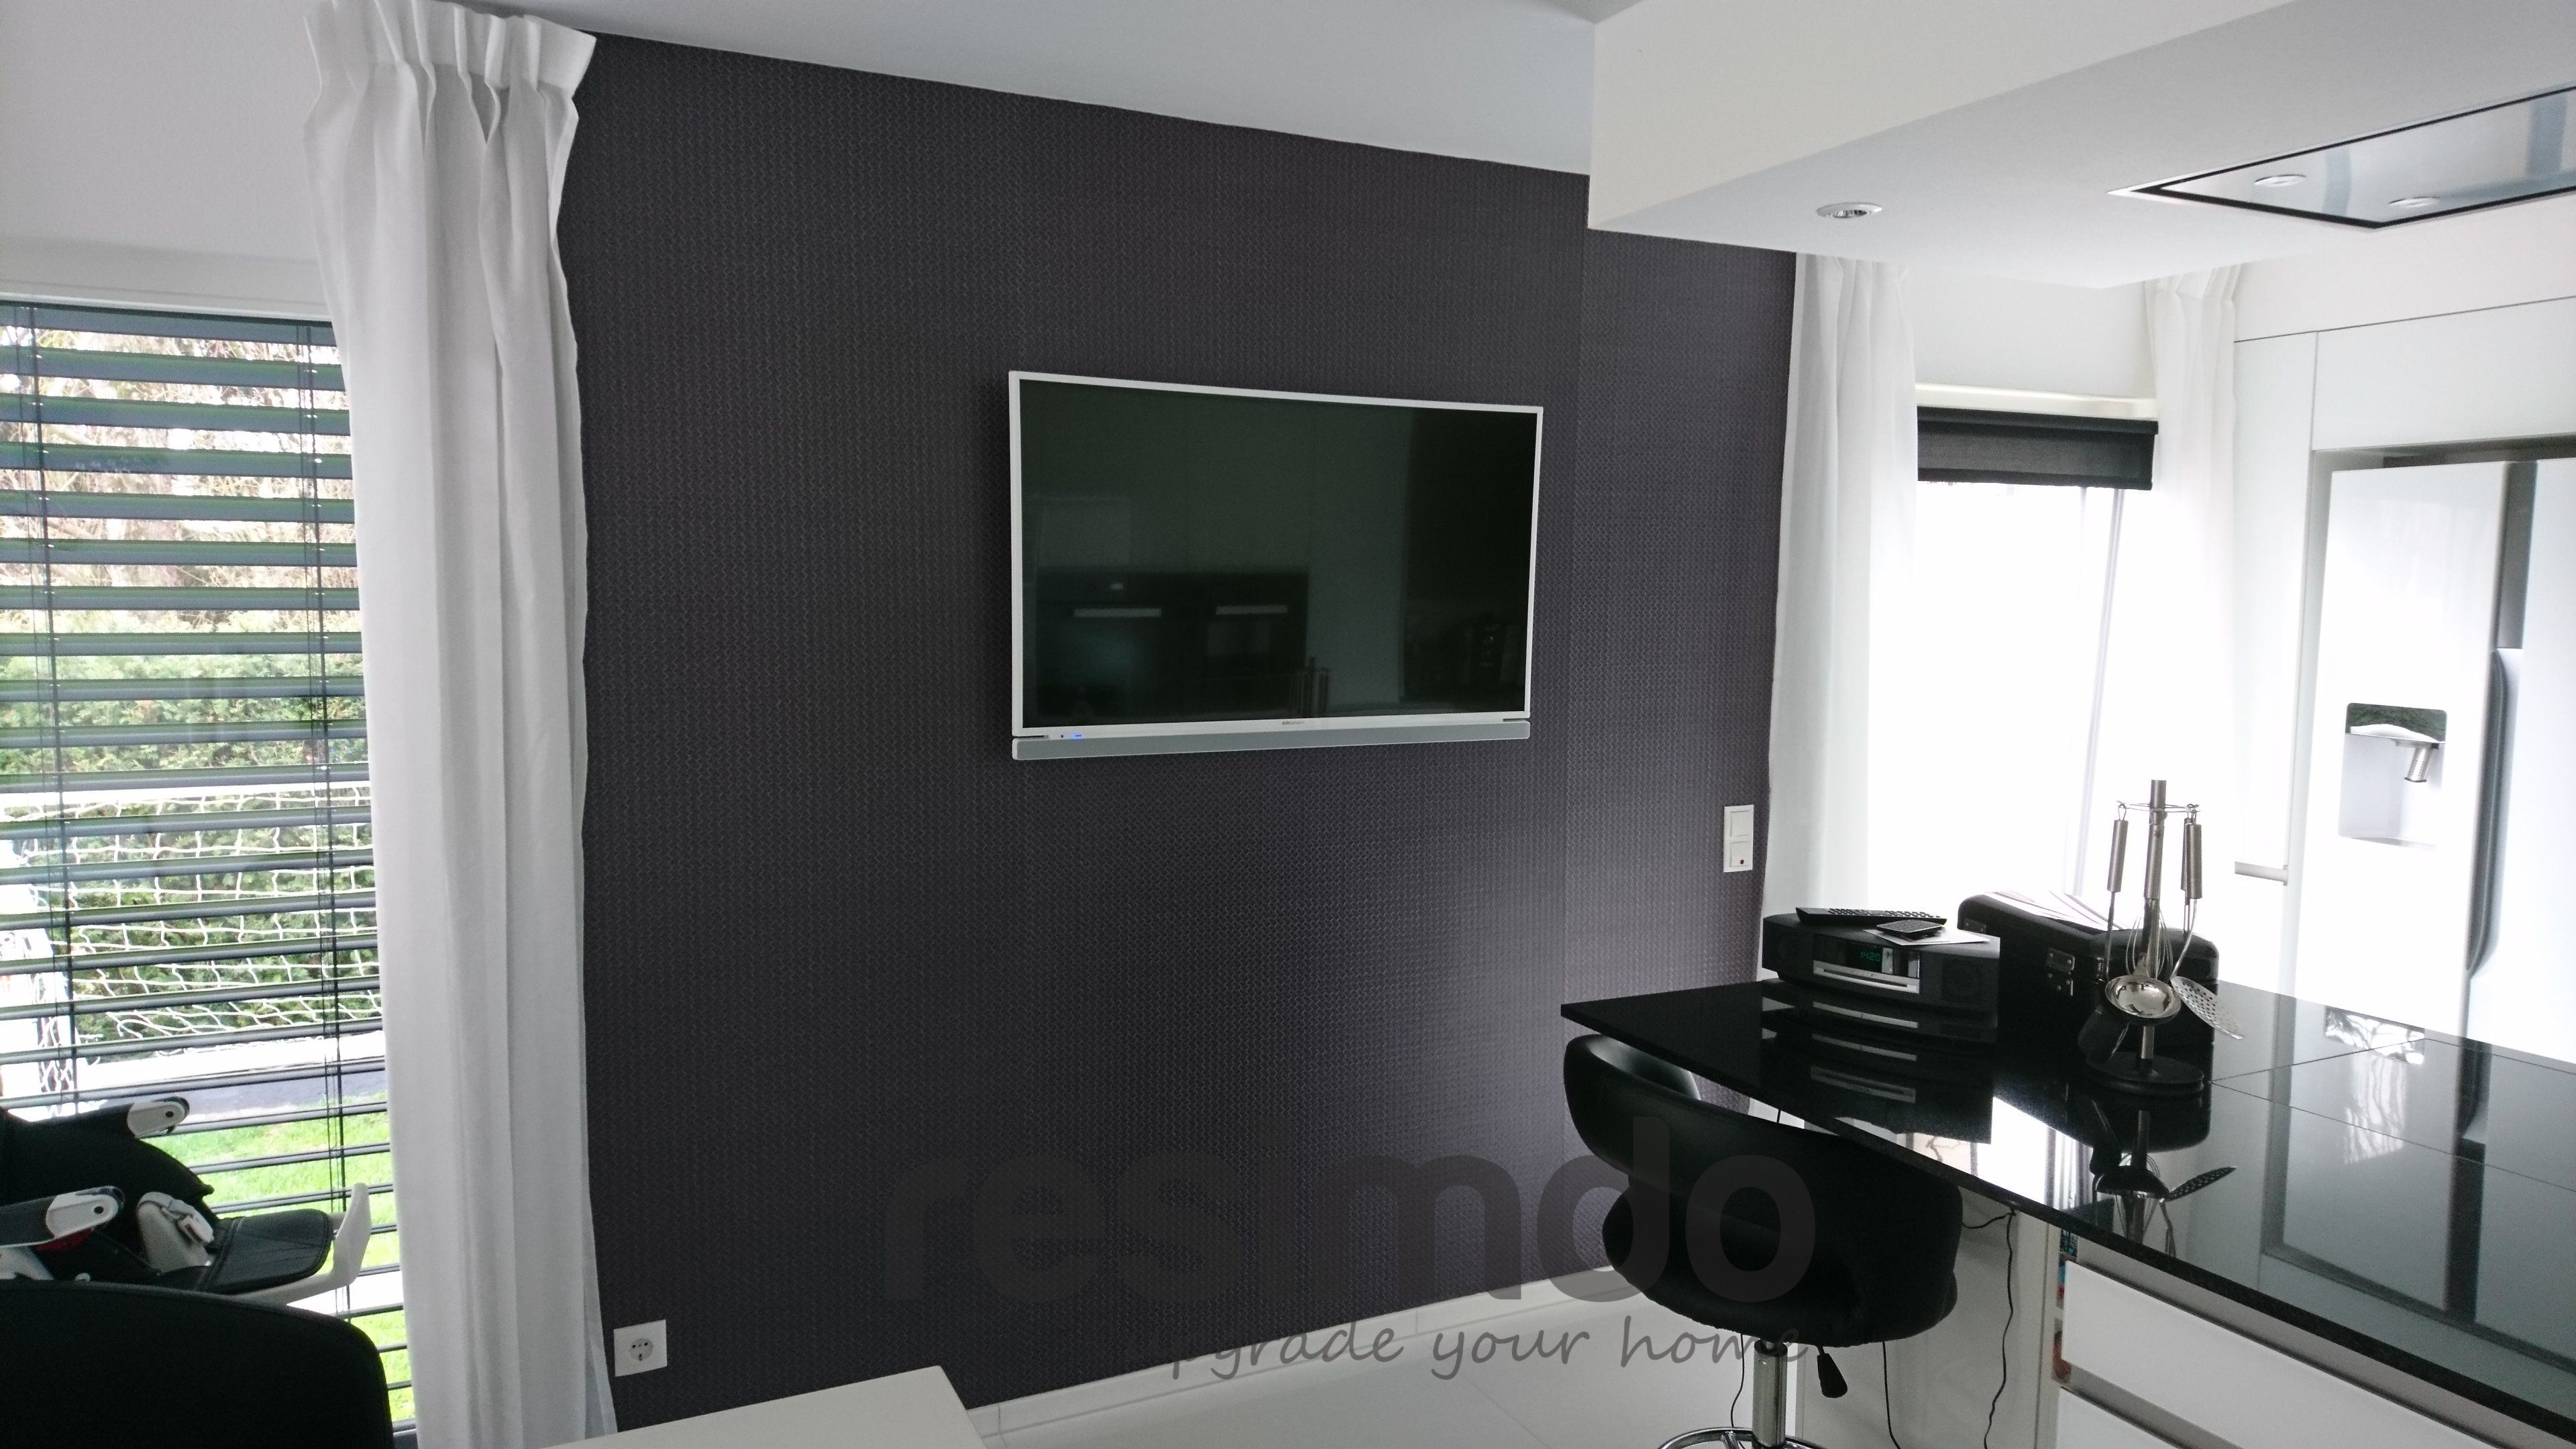 Perfect #wall #Tapete #Wand #interiorstyle #interiorandhome #Sanieren #Sanierung  #vorhernachher